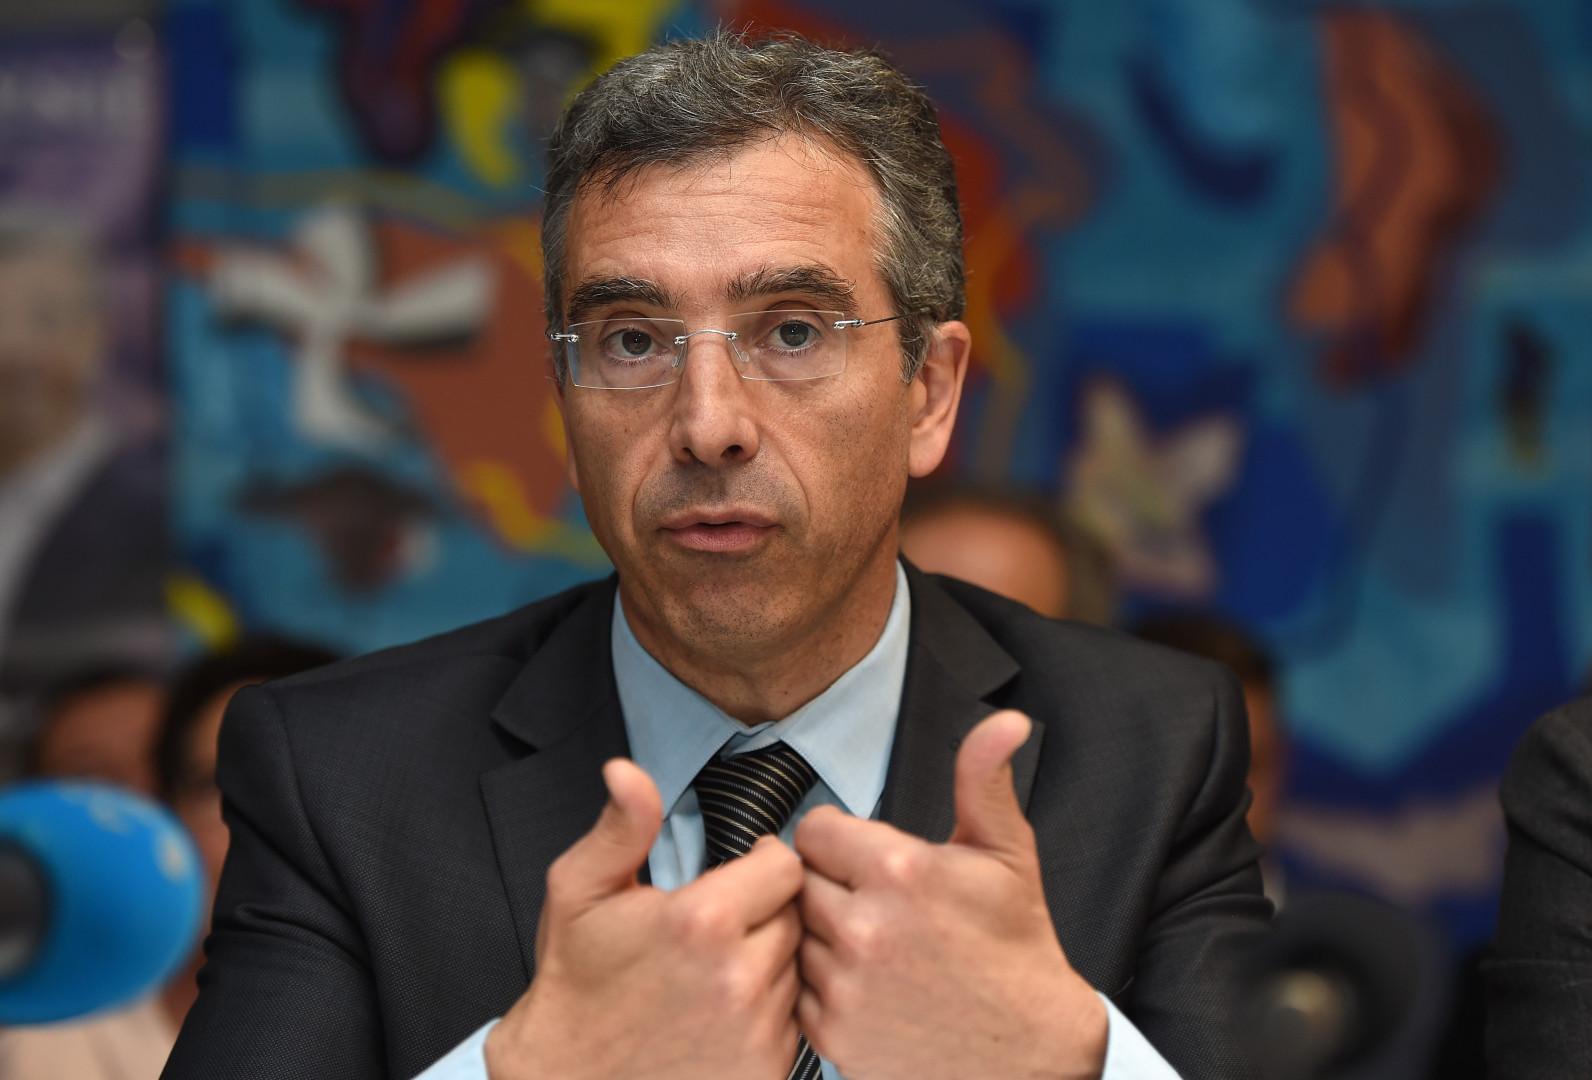 Dominique Reynié, tête de liste Les Républicains pour les élections régionales 2015 en Languedoc-Roussillon-Midi-Pyrénées